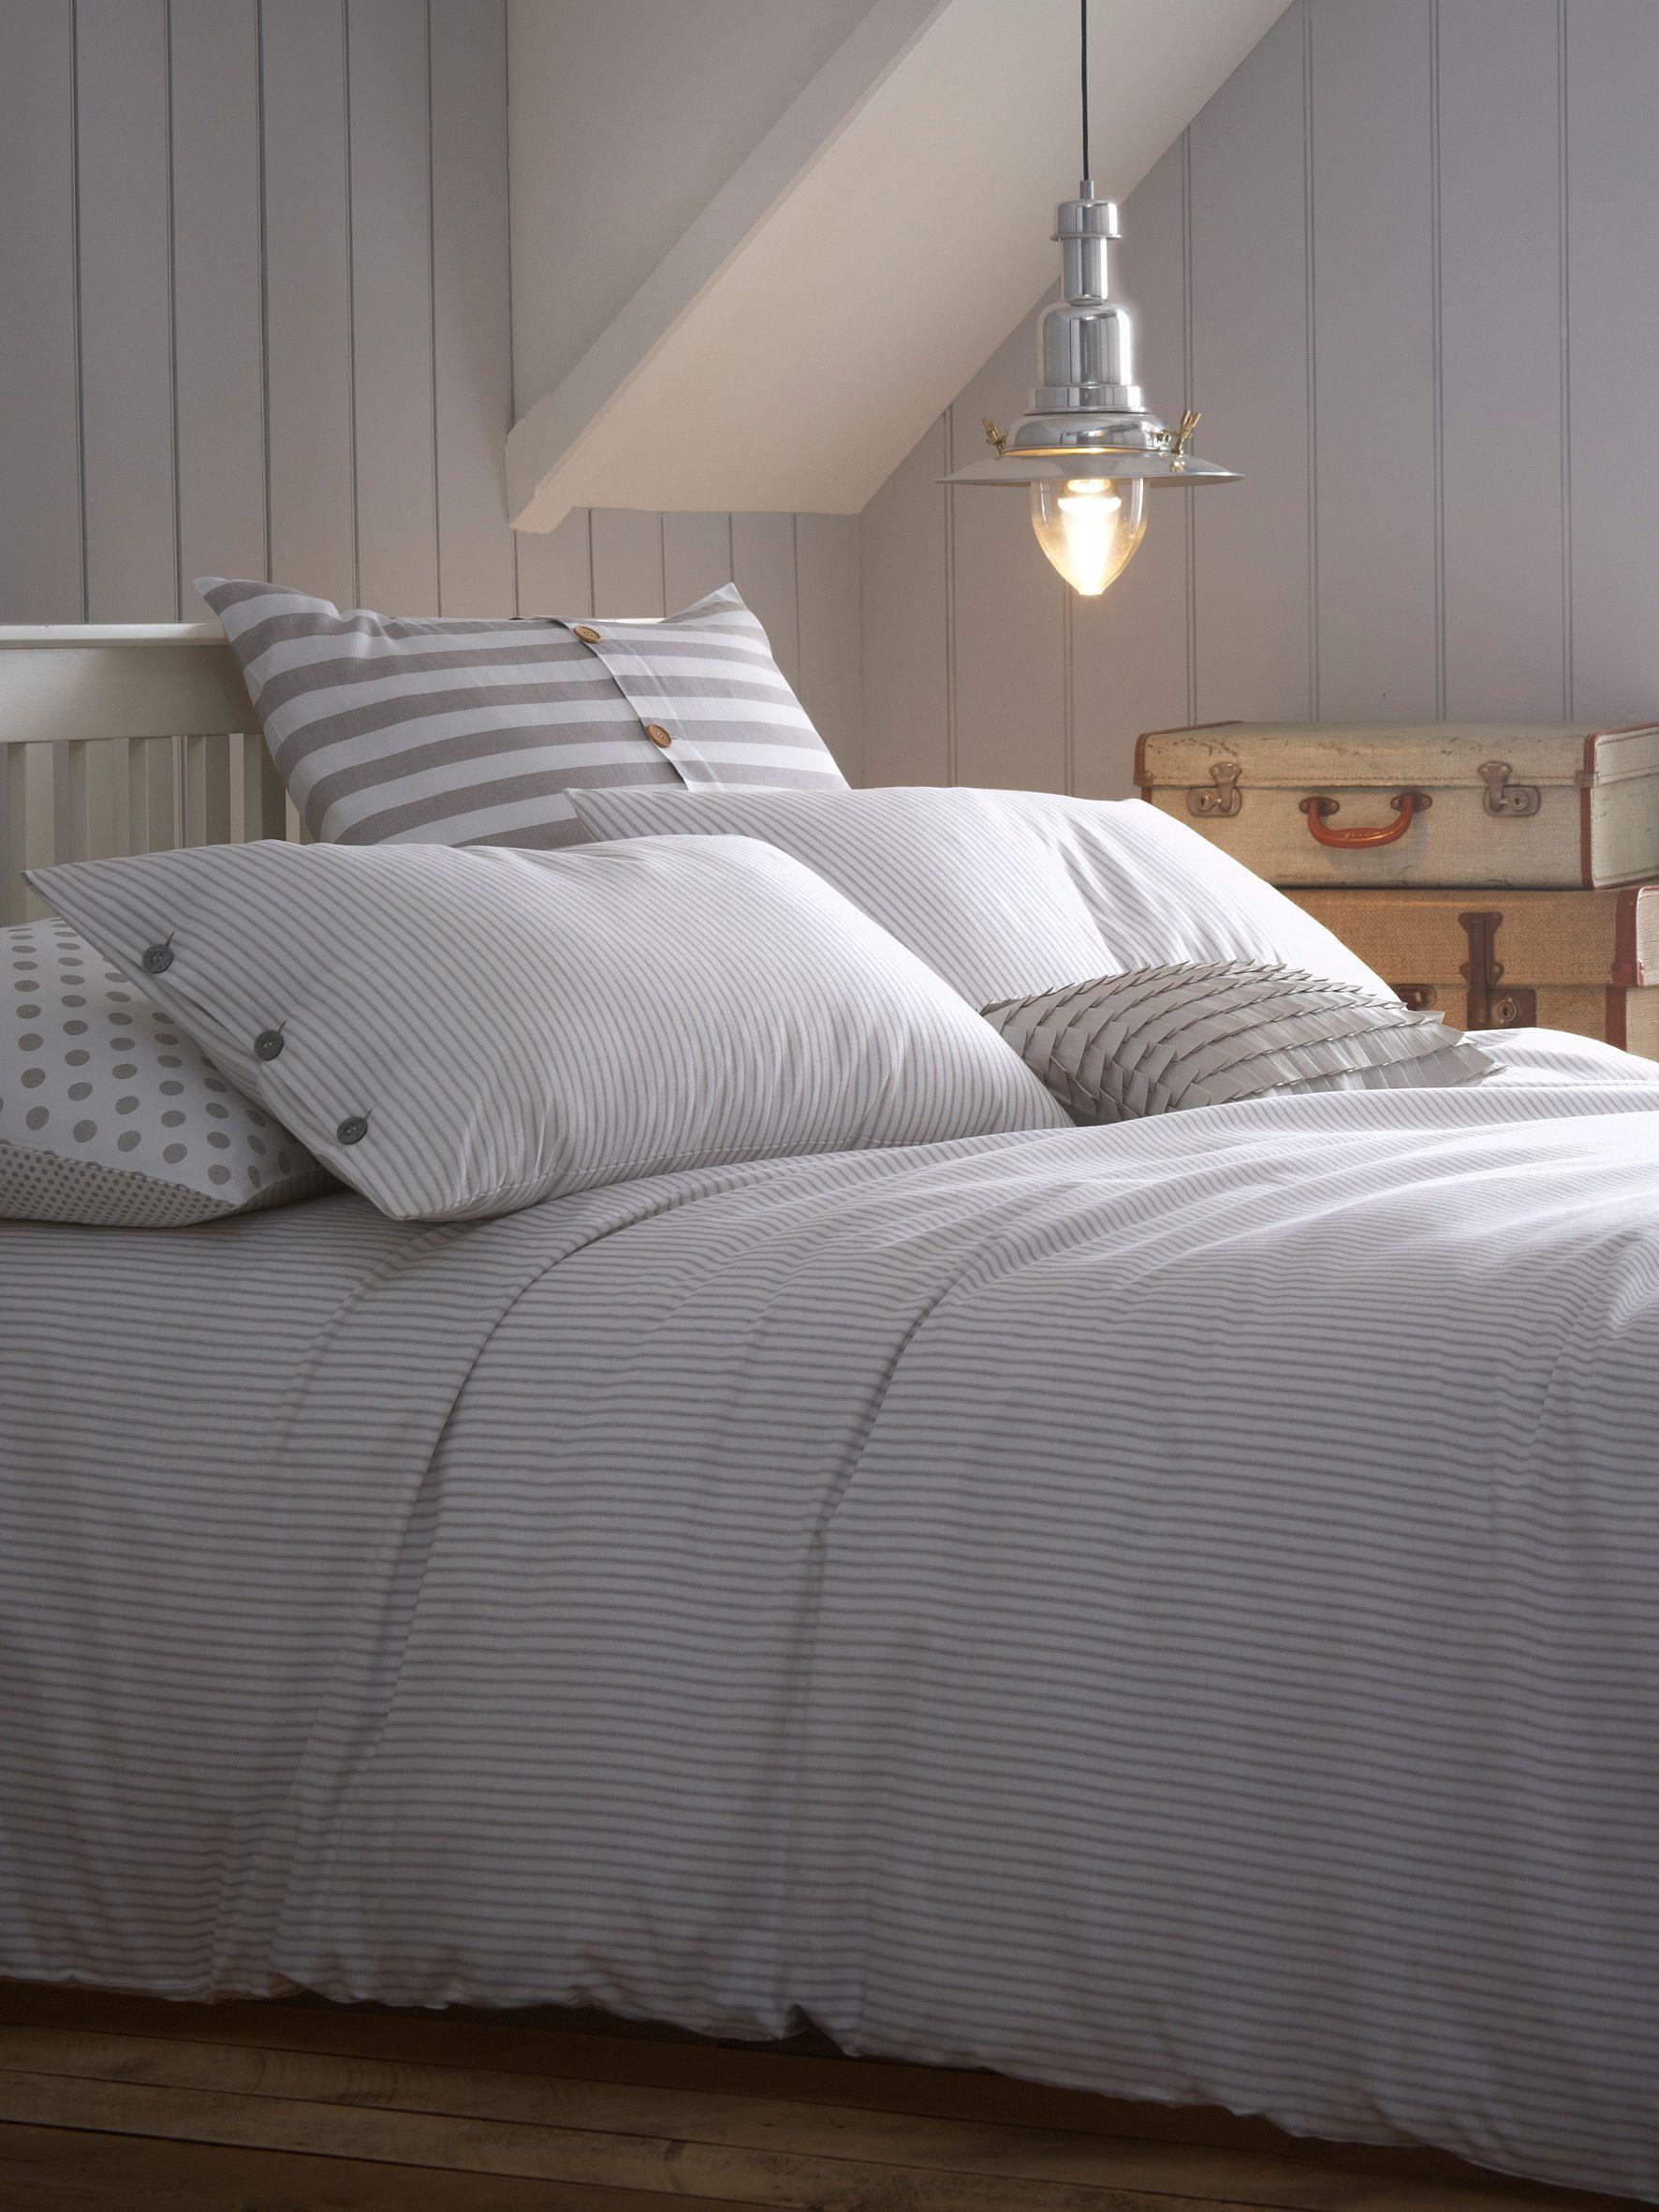 gray duvet cover  ticking stripe grey double duvet cover jigsaw  - gray duvet cover  ticking stripe grey double duvet cover jigsaw tickingstripe bed linen